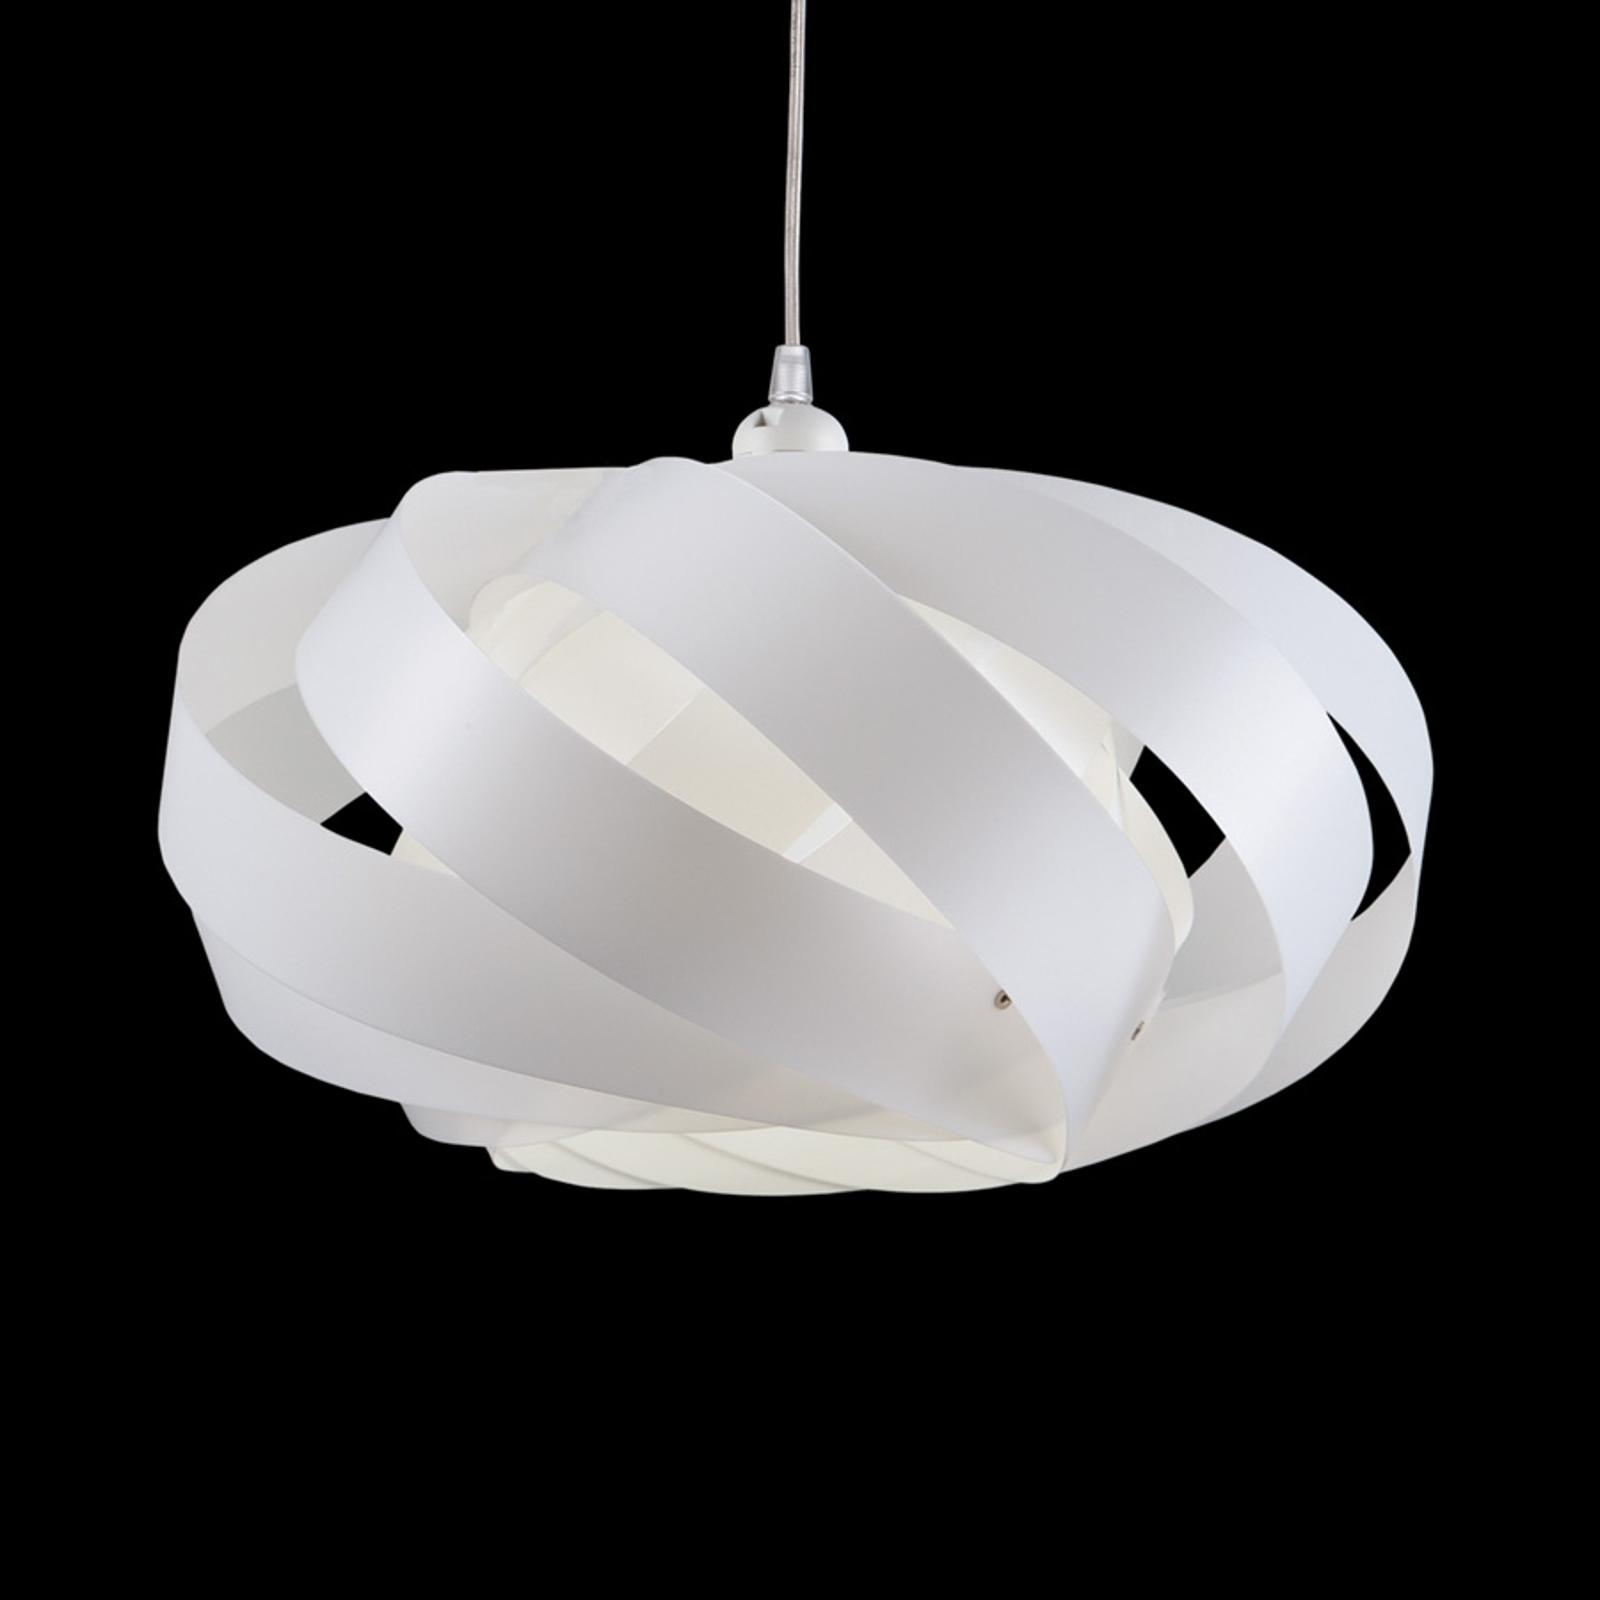 Závesná lampa Mininest z prúžkov biela_1056034_1